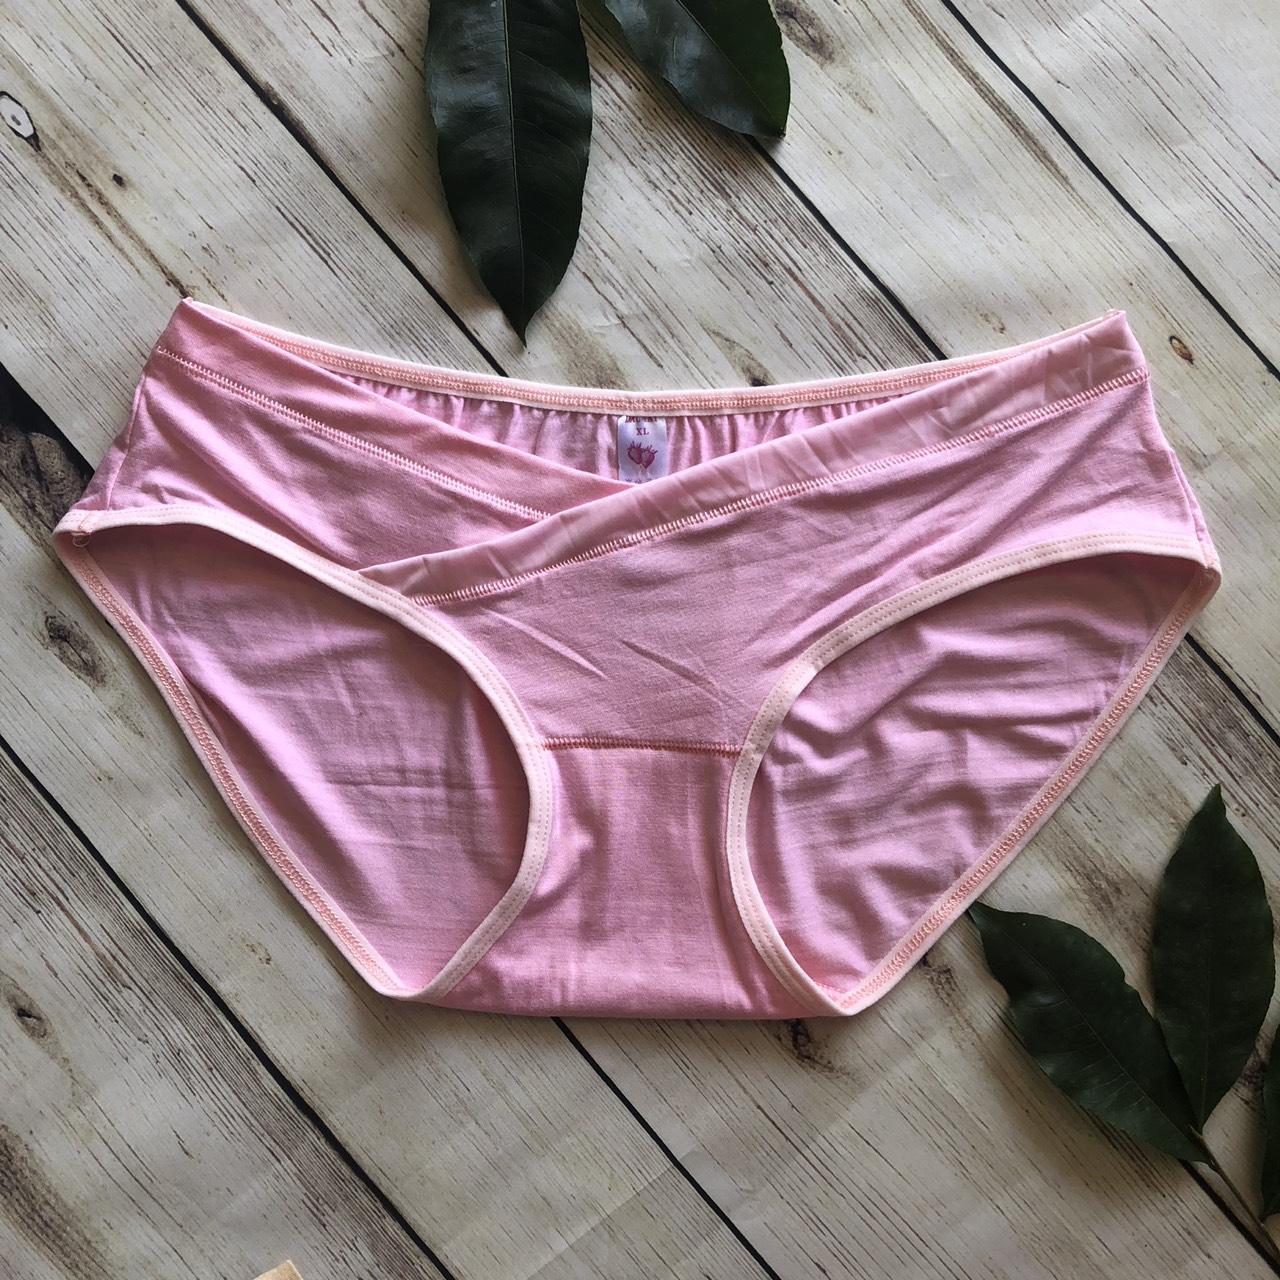 Combo 5 quần lót bầu cạp chéo cotton lụa mềm mại cao cấp thoáng mát